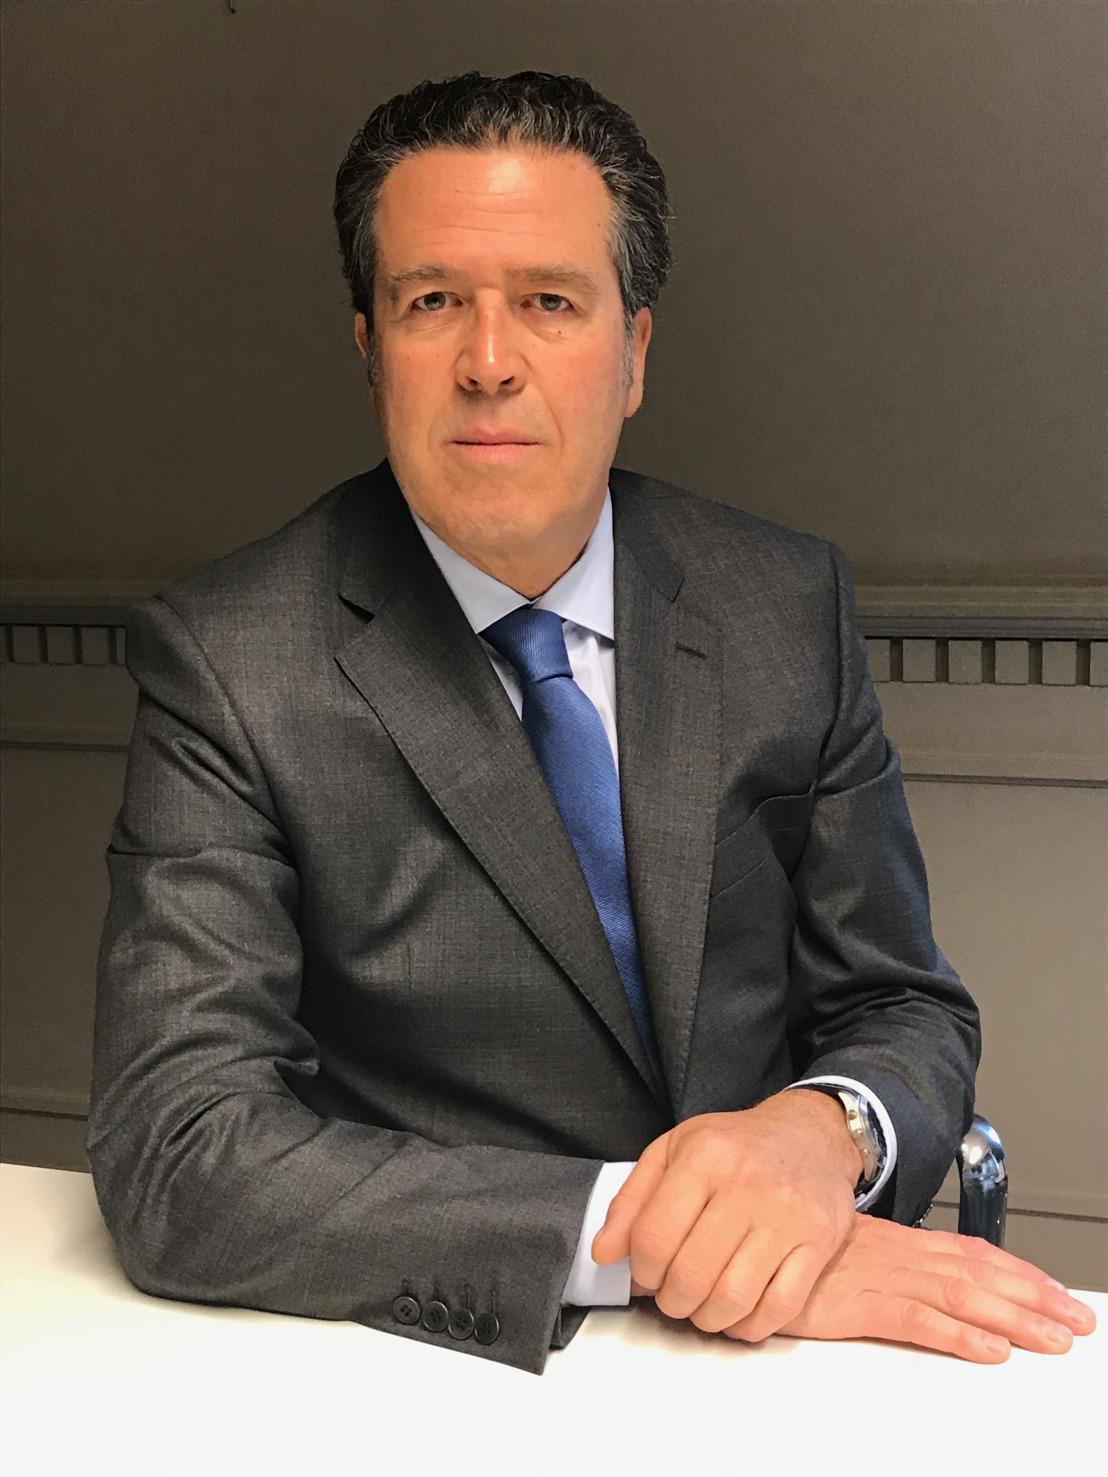 Manuel Pfaff se incorpora a Degroof Petercam S.G.I.I.C. como miembro del Consejo de Administración